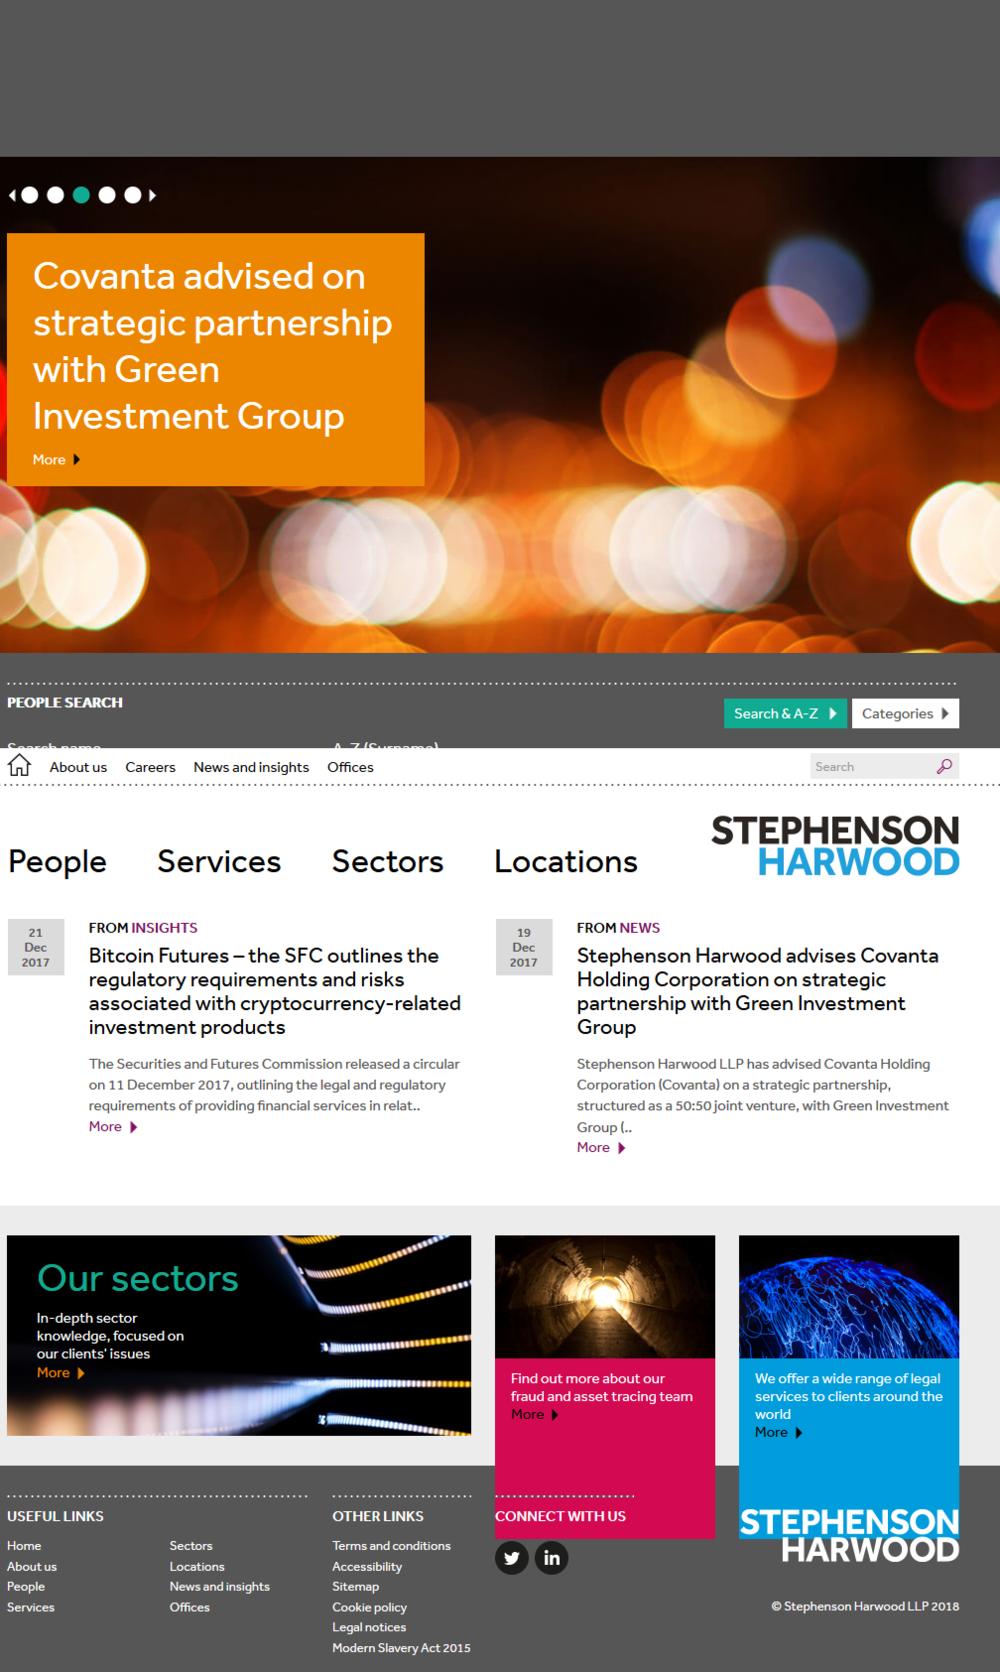 Screenshot-2018-1-4 Stephenson Harwood.png